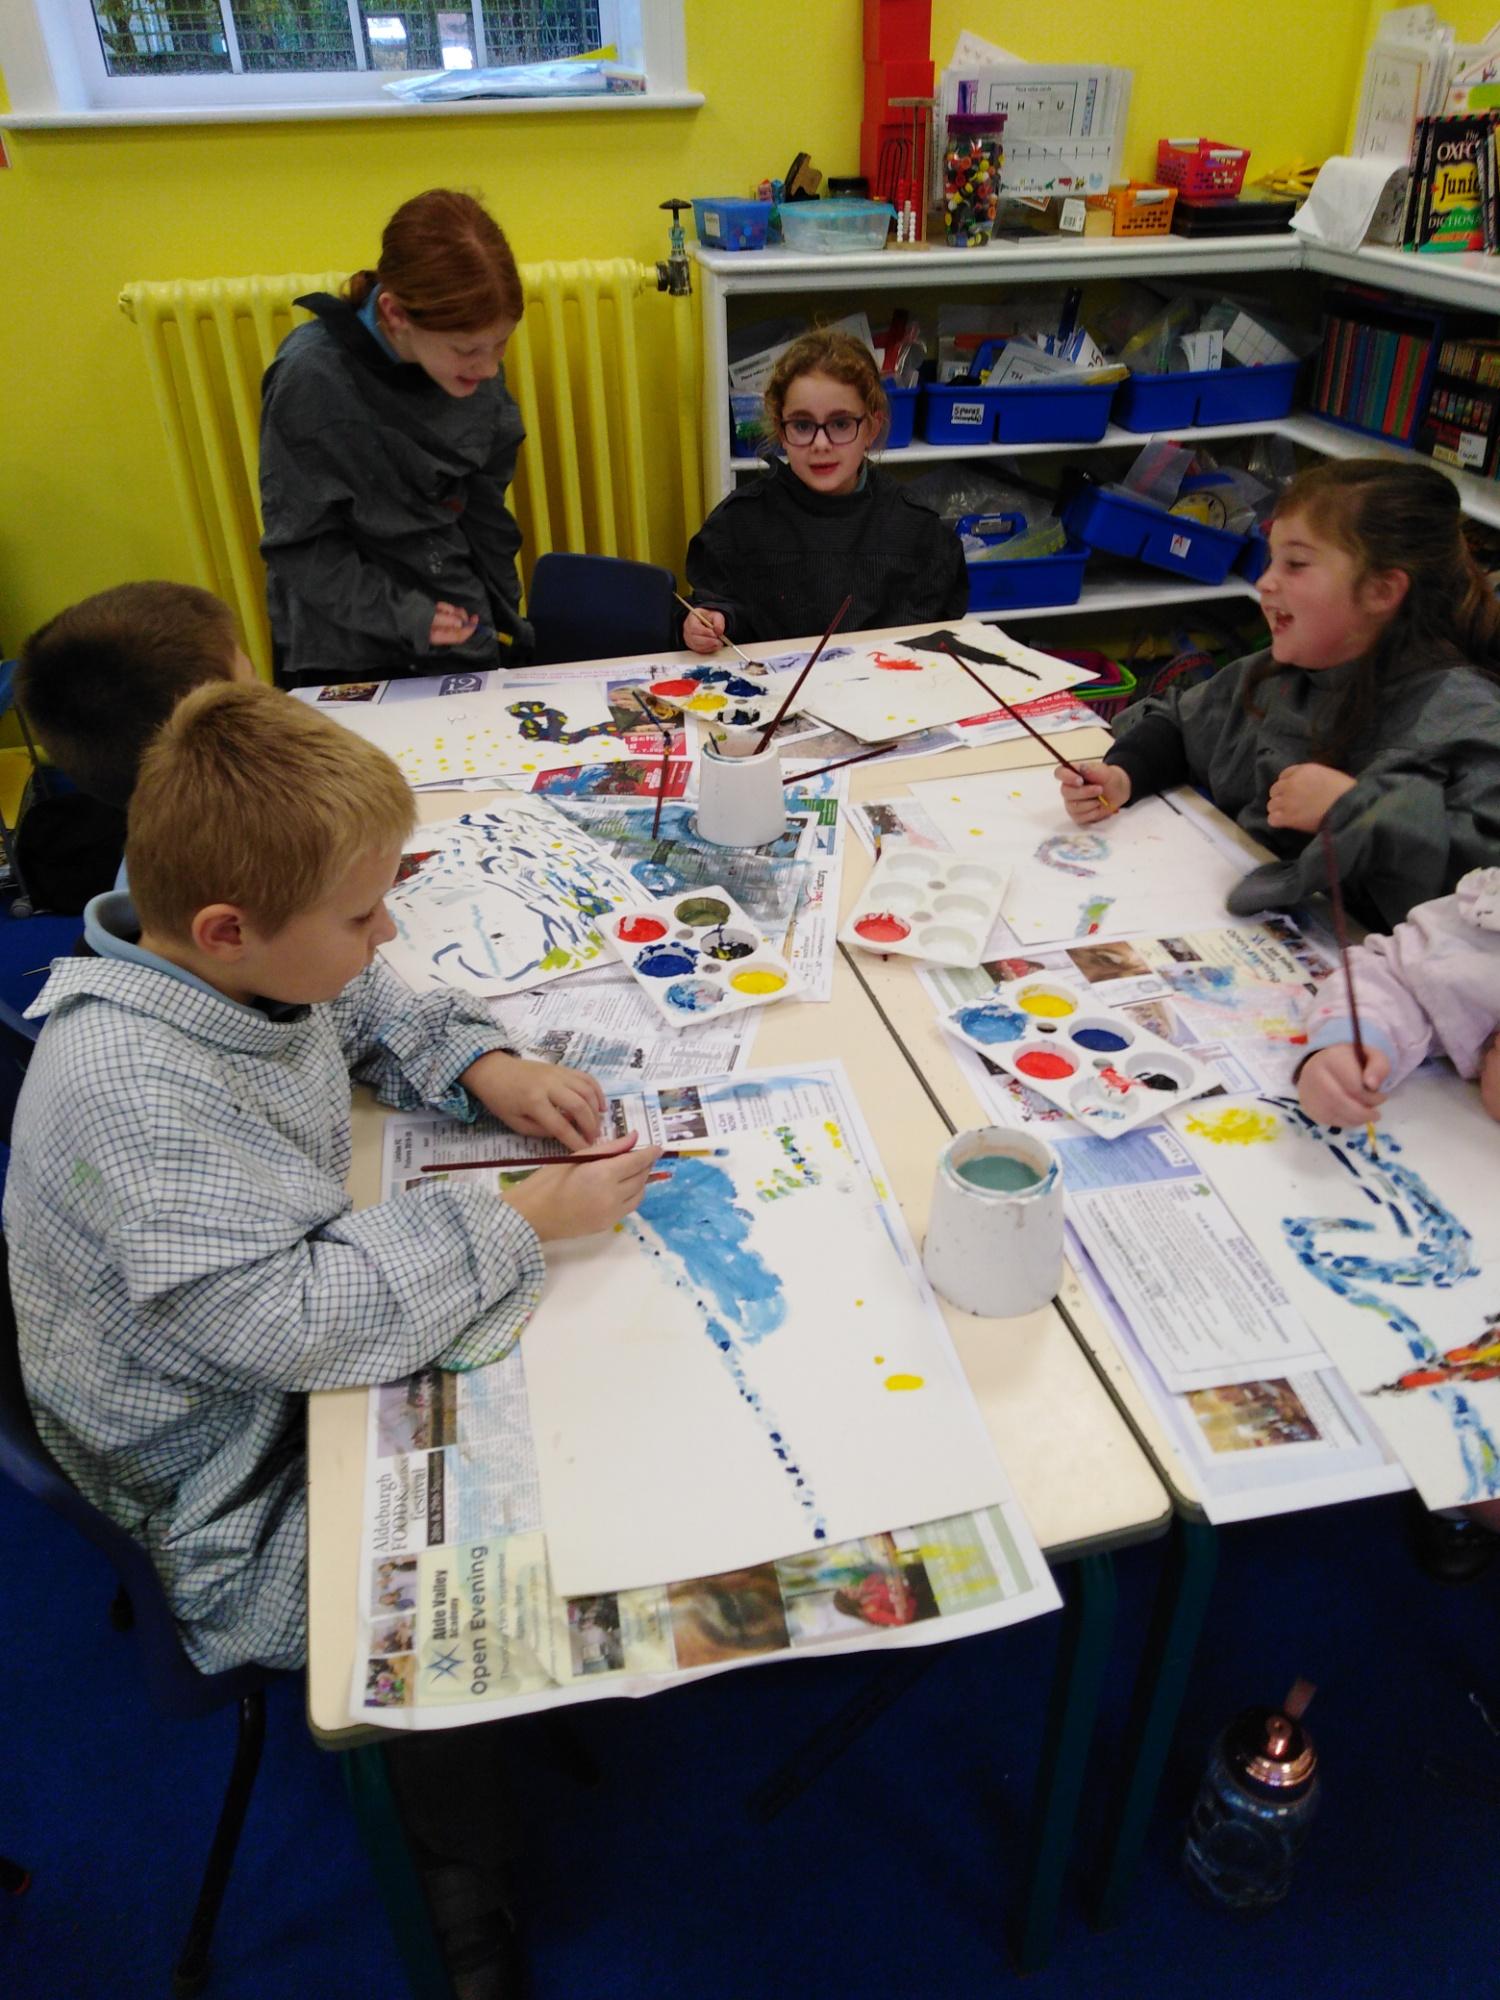 Orford Ceva Primary School